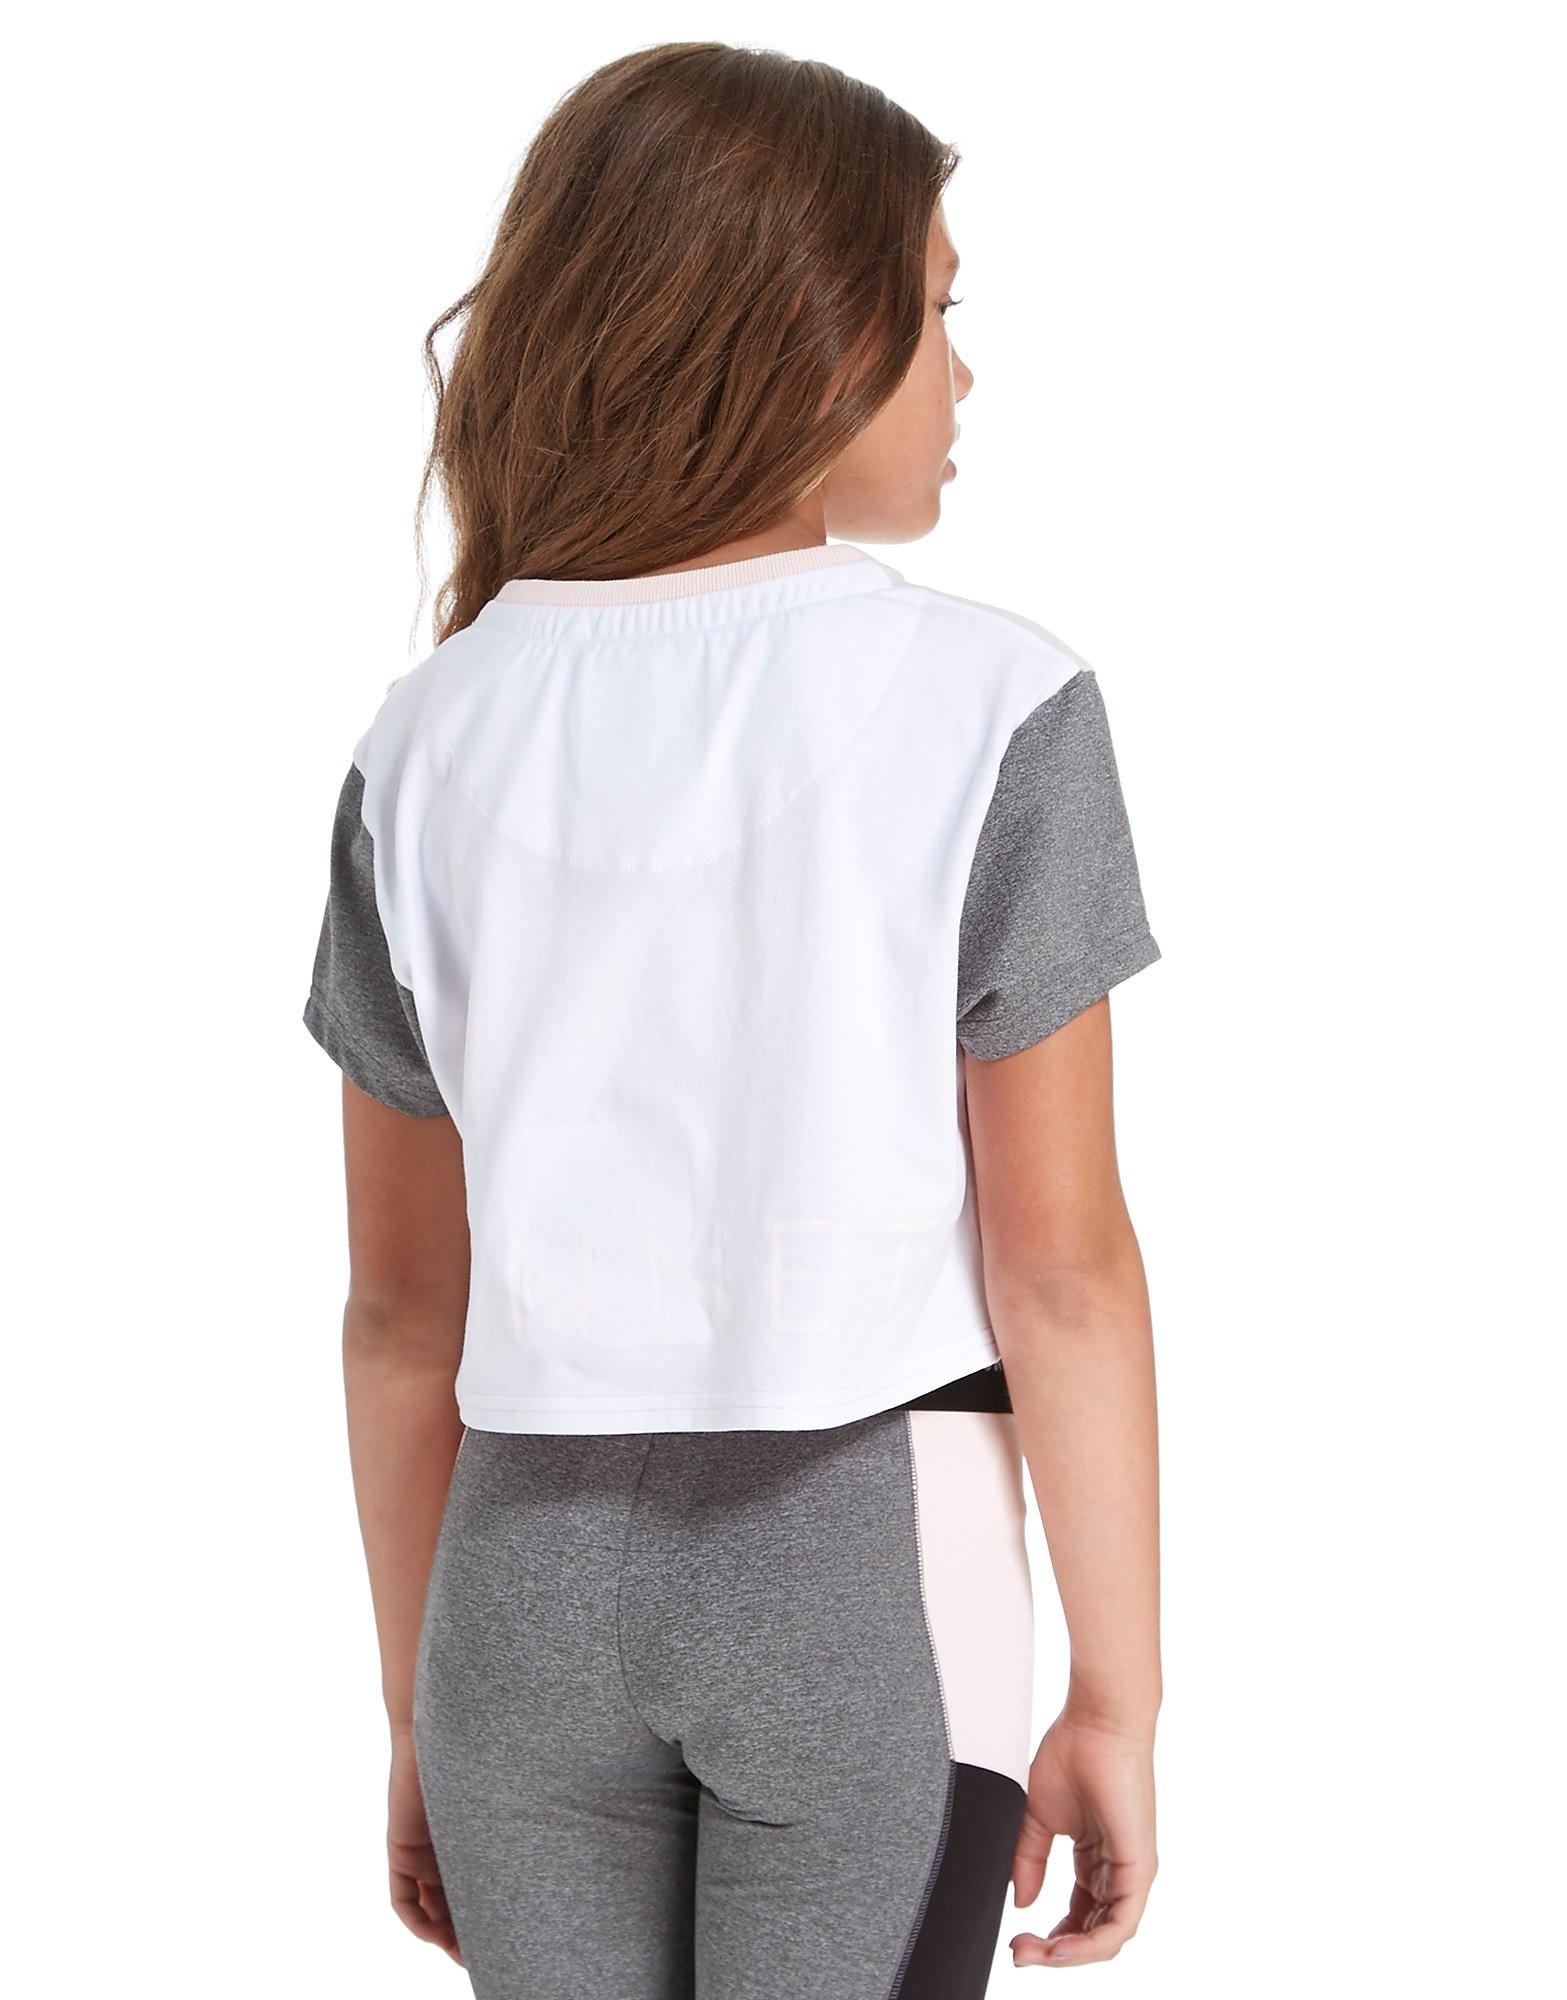 Sonneti Girls' Blocker T-Shirt Junior